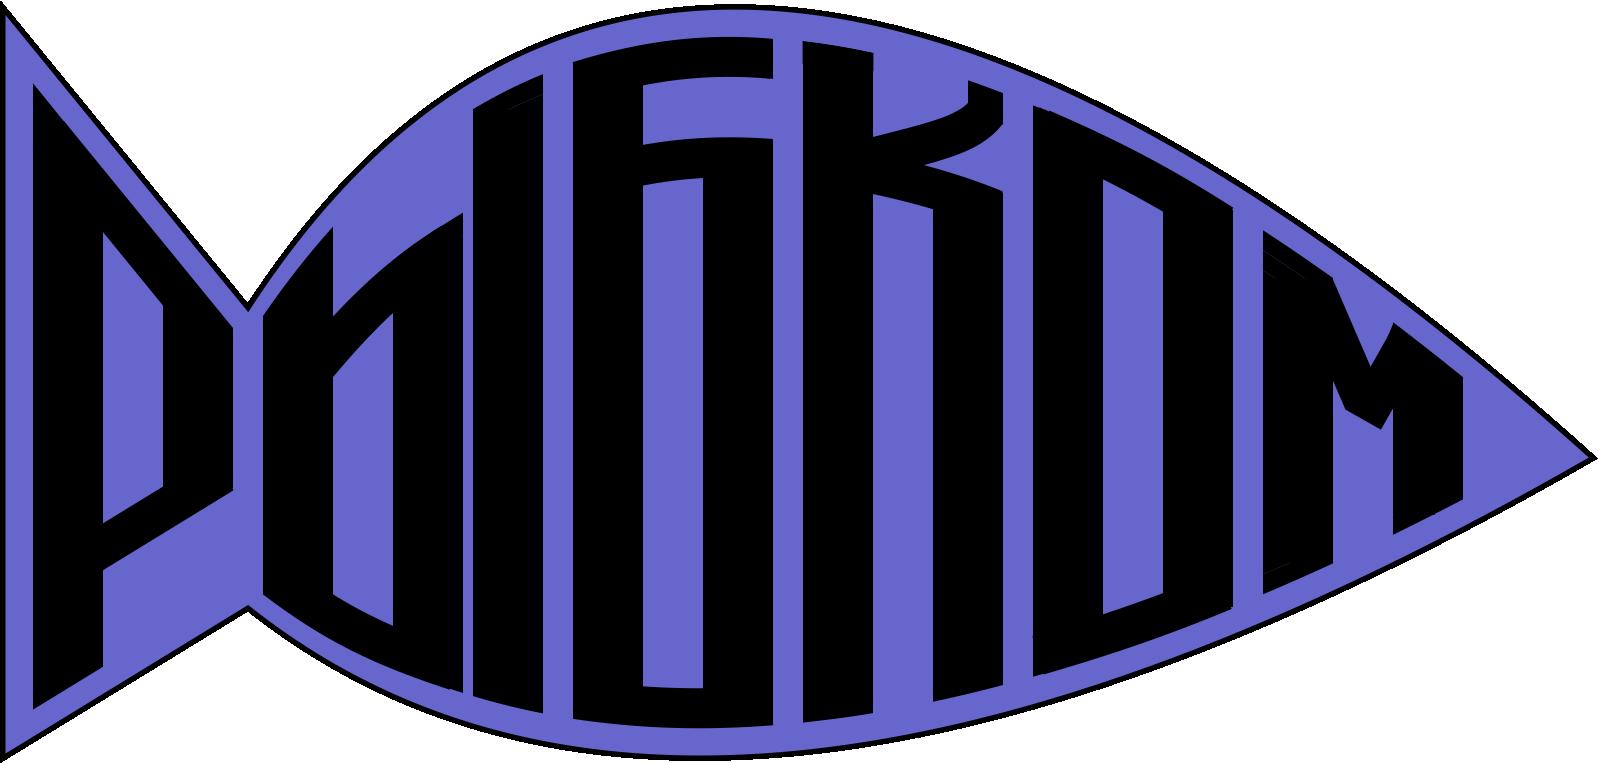 Создание логотипа и брэндбука для компании РЫБКОМ фото f_2445c098e586e637.png